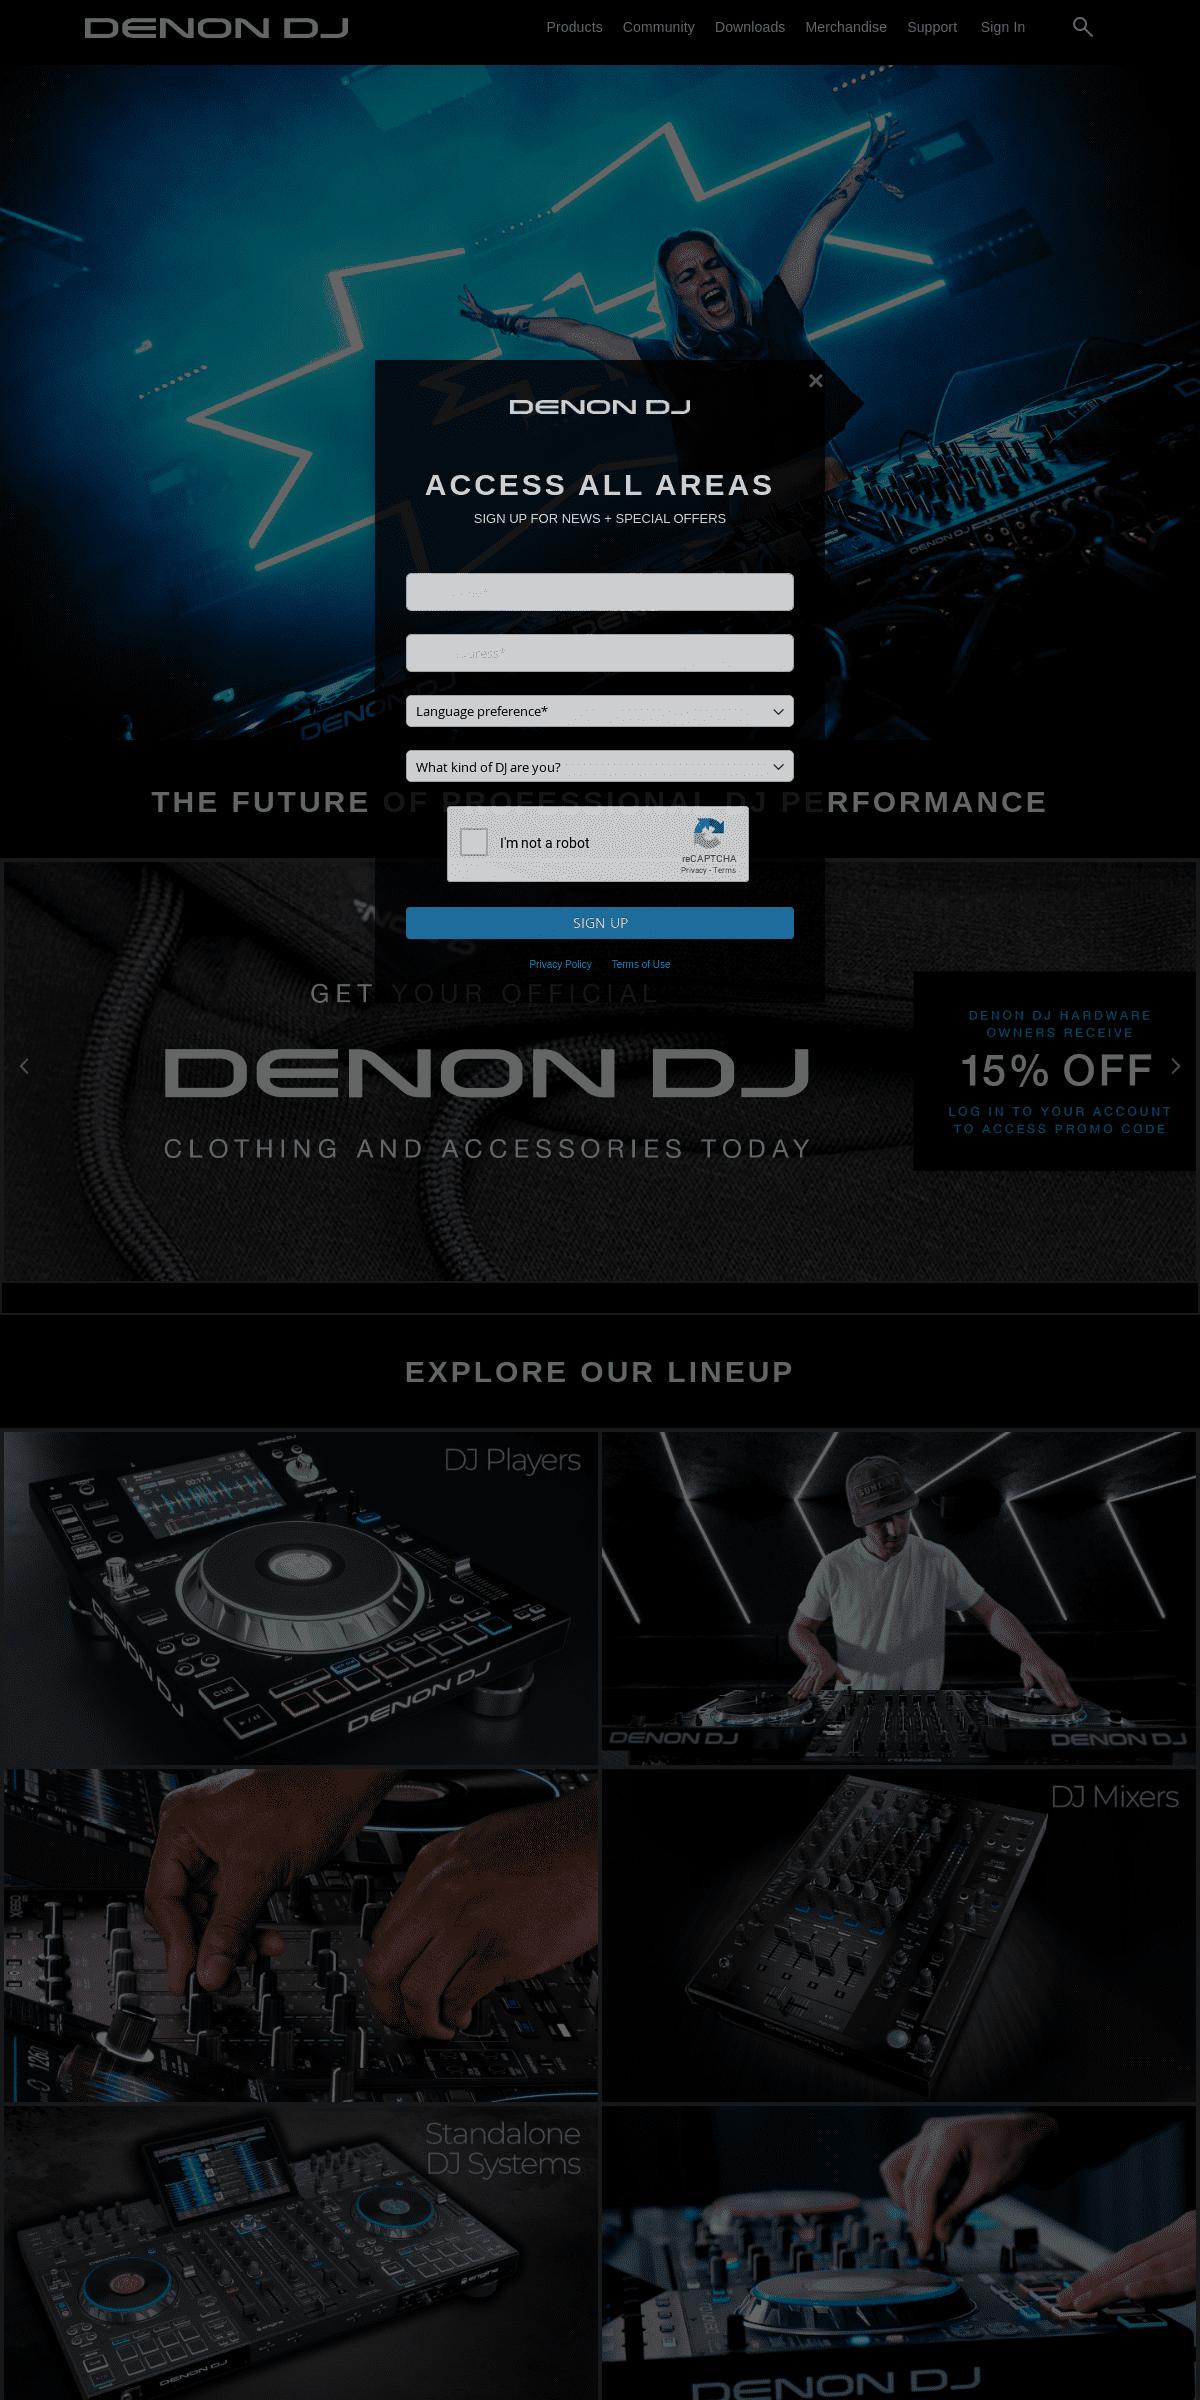 Denon DJ - Professional DJ Equipment